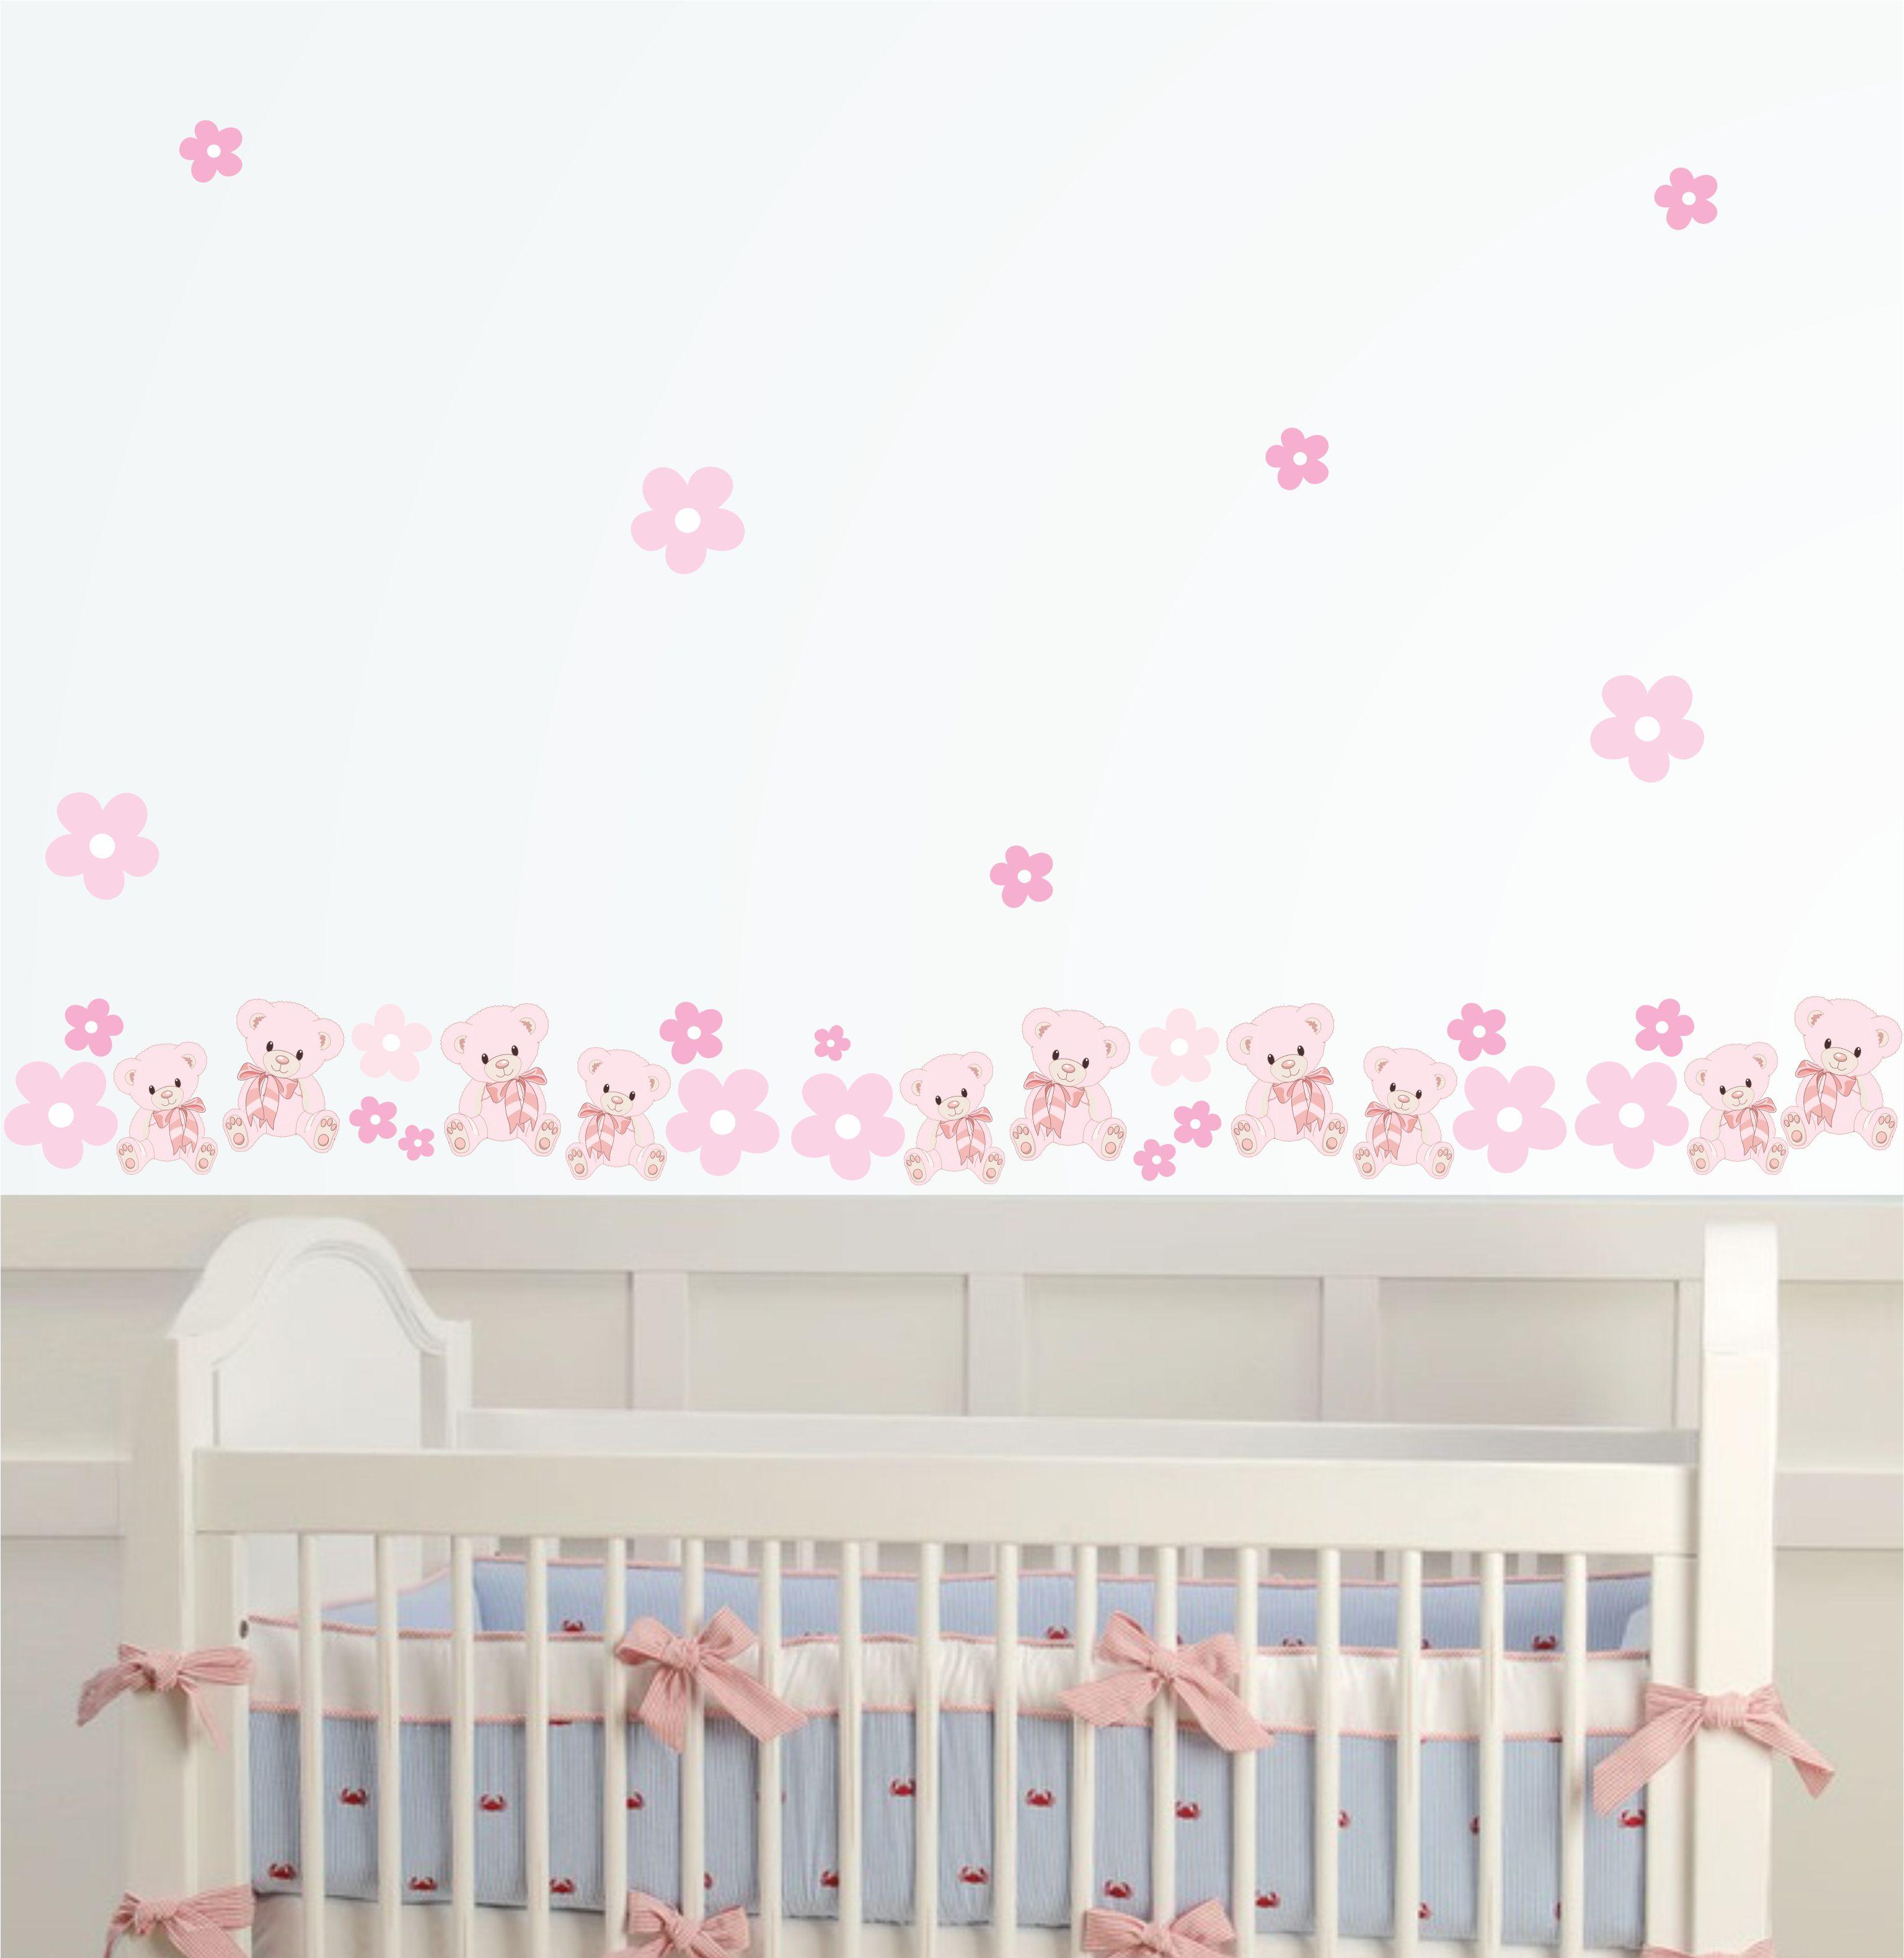 Faixa De Adesivo Para Quarto De Bebe ~   bebe ursinha adesivo de parede adesivo faixa bebe ursinha faixa para